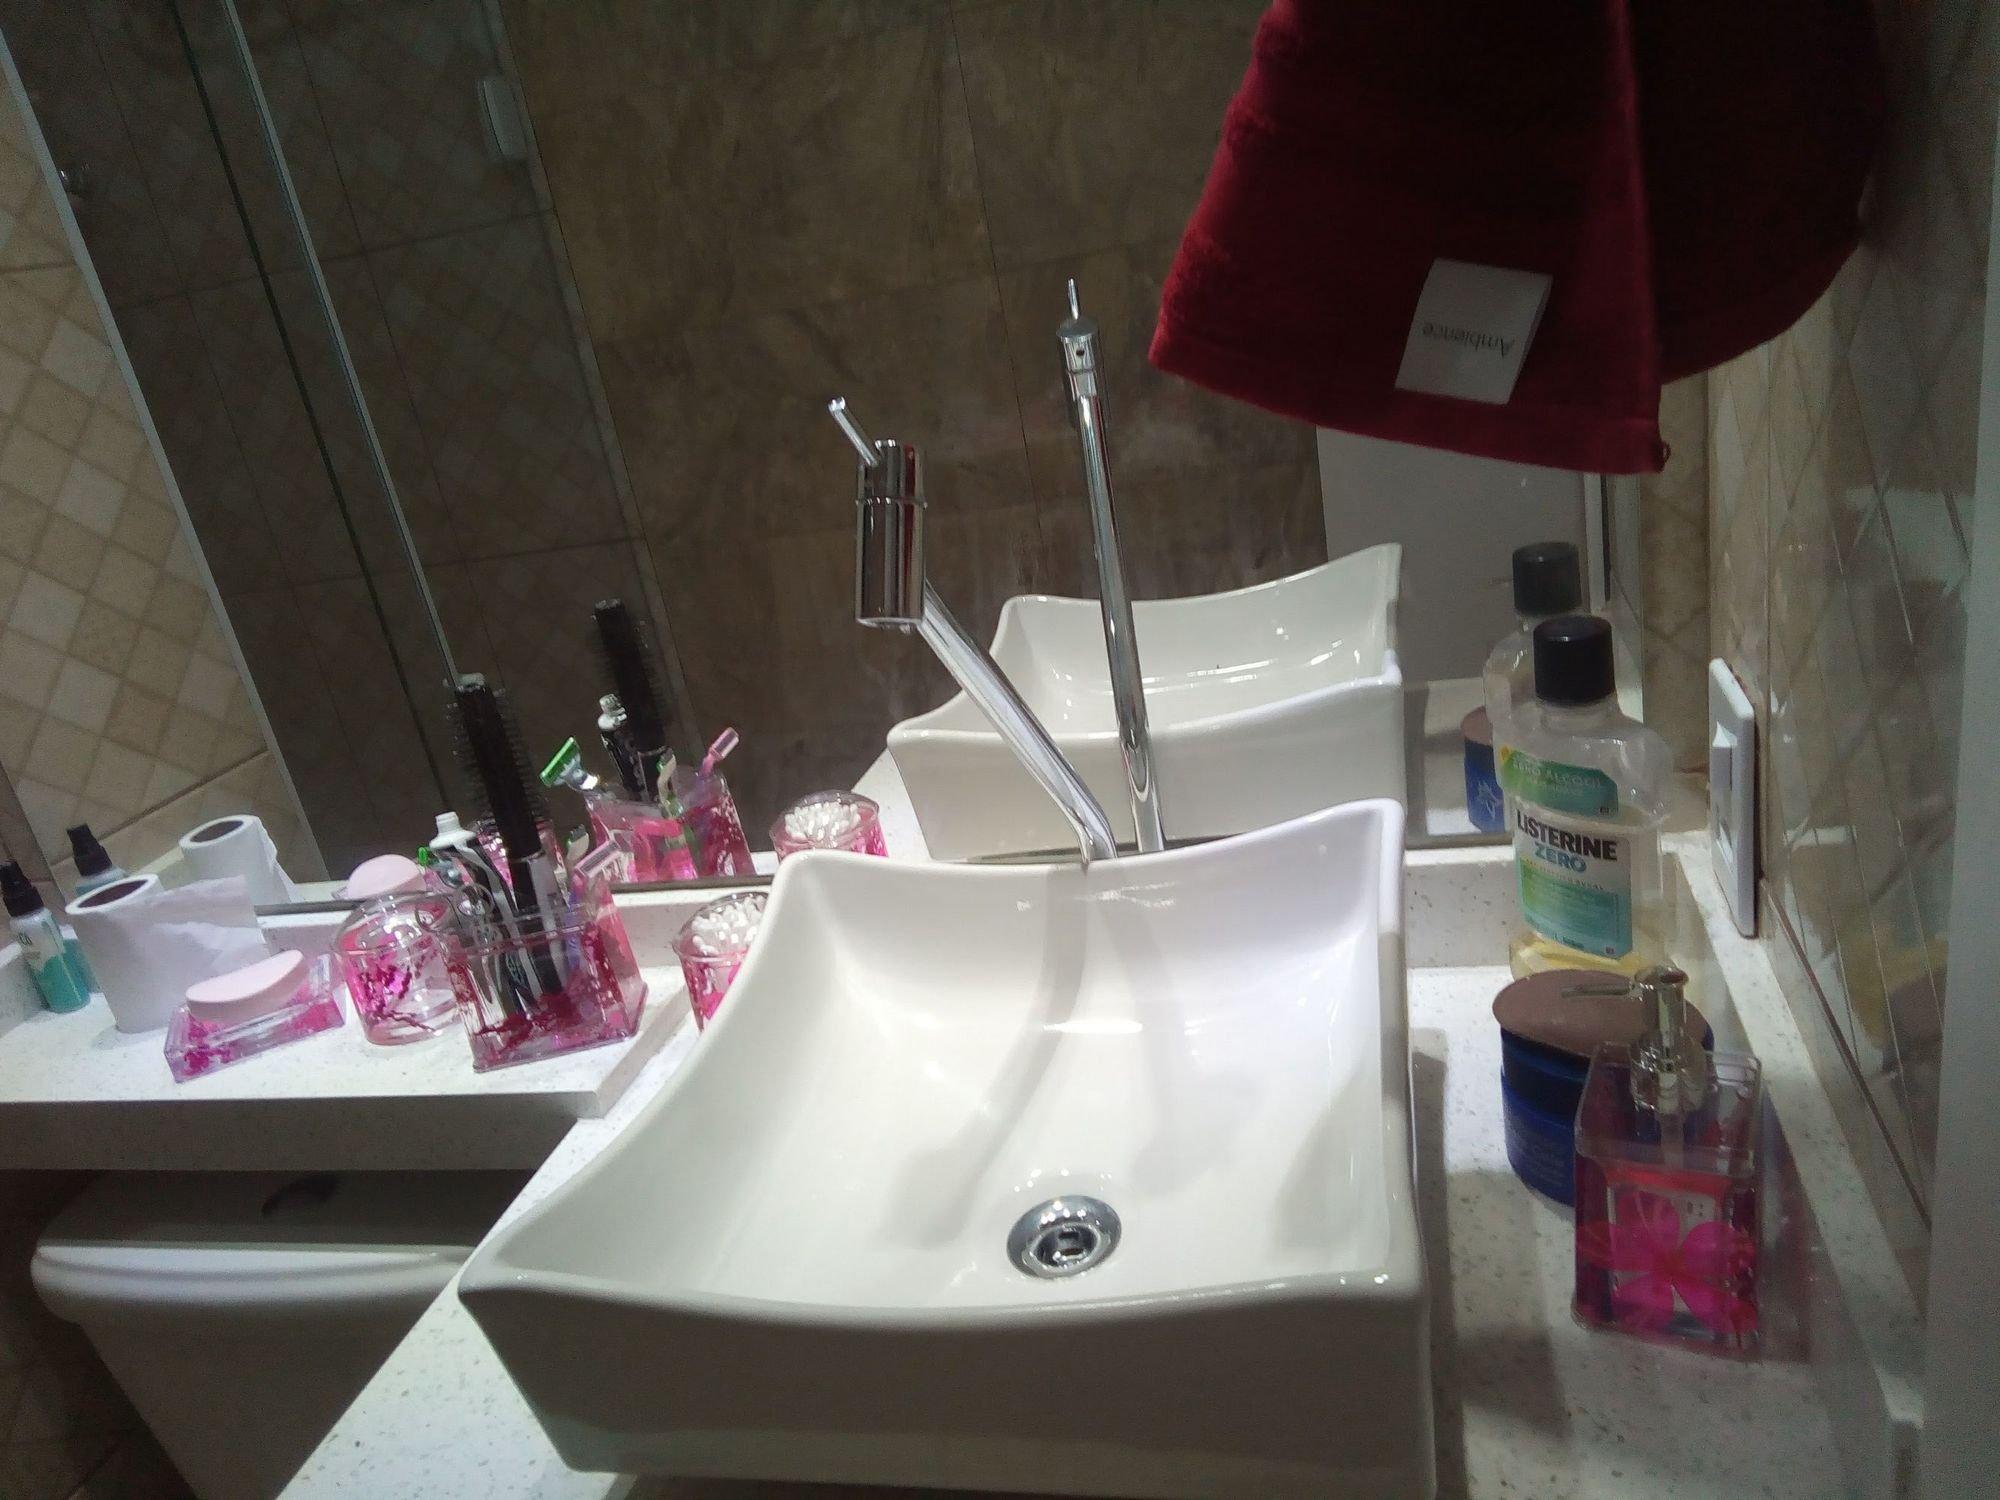 Foto de Lavanderia com escova de dente, garrafa, pia, xícara